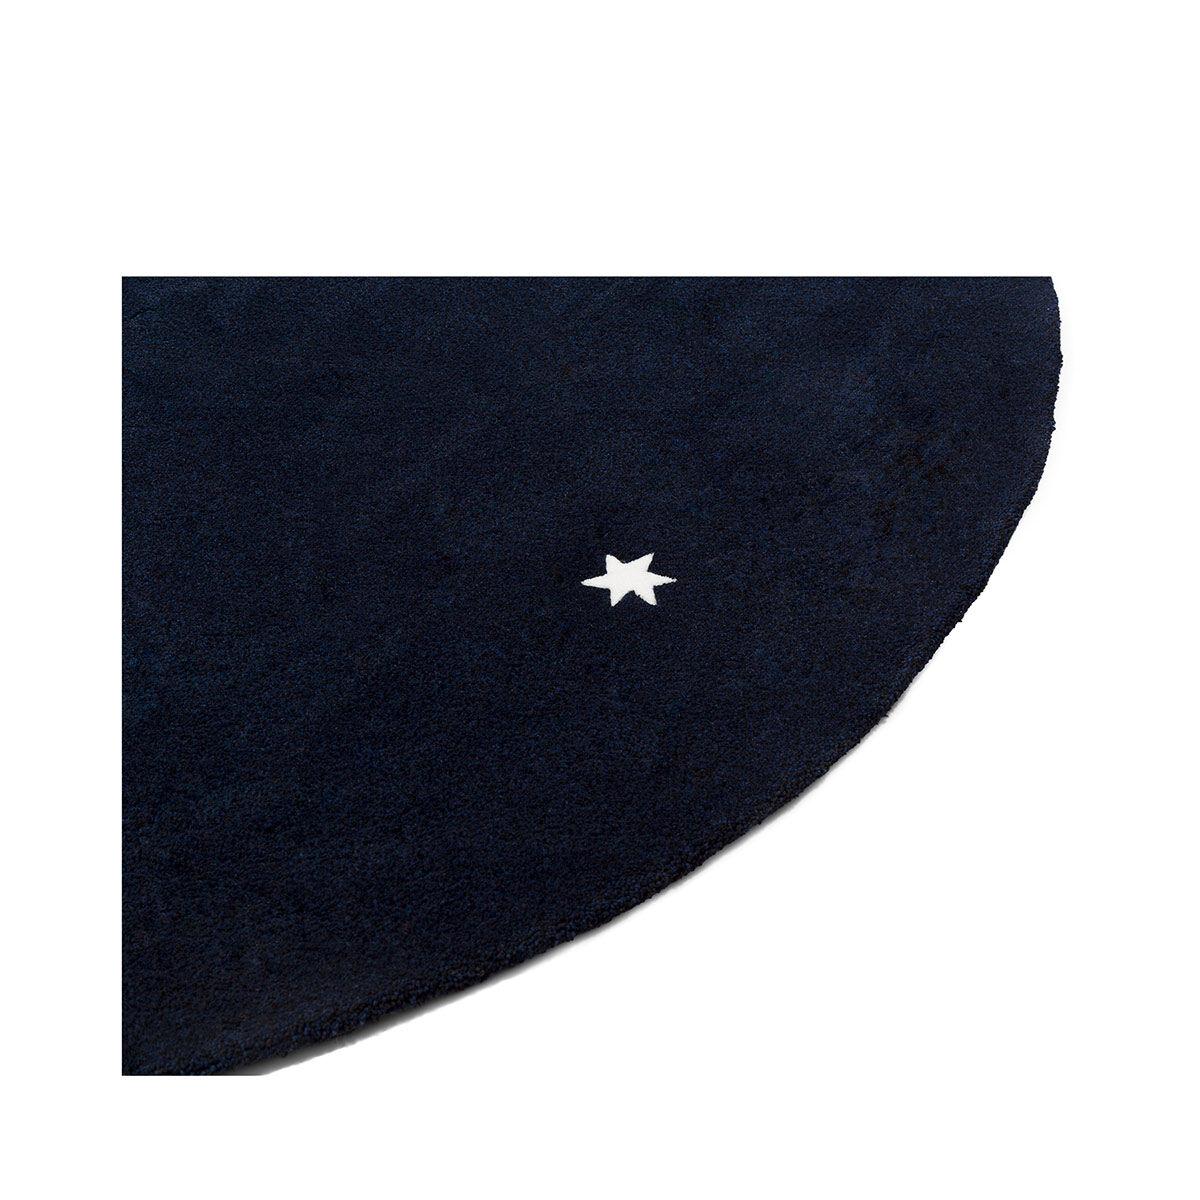 LOEWE Star Carpet S 蓝色/白色 all